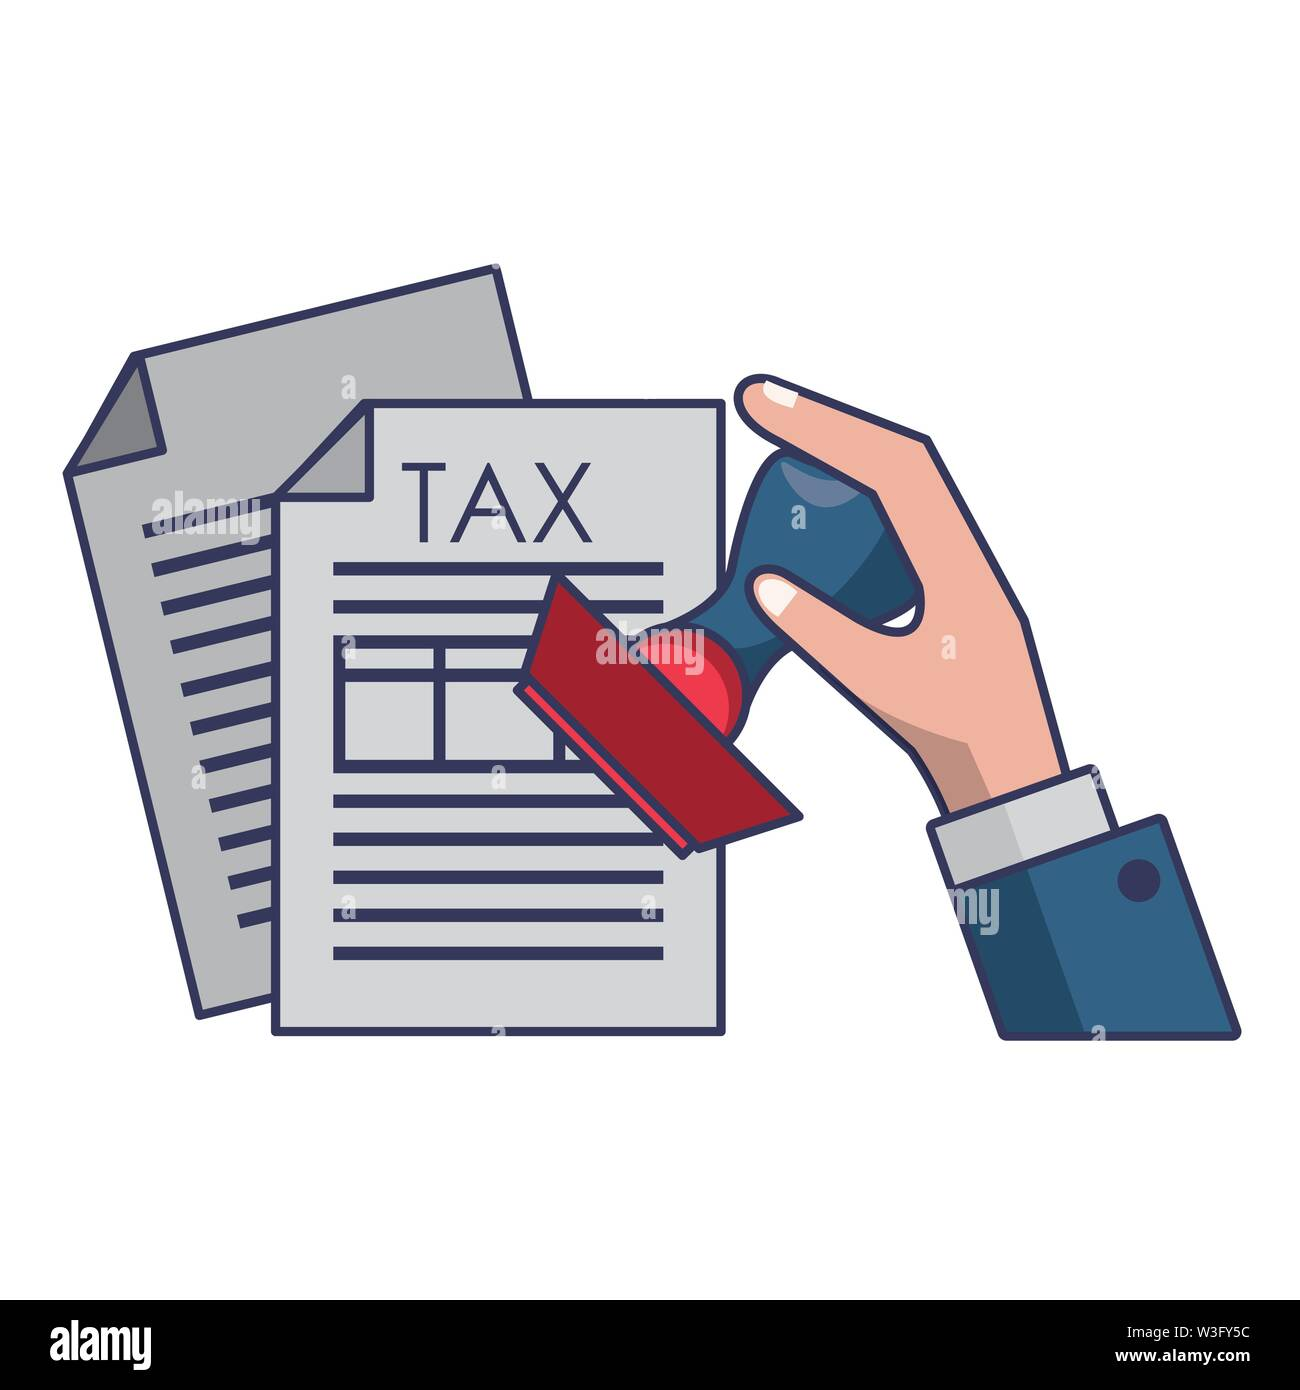 Landesregierung business balance Berechnung arbeiten Persönliche Finanzen Elemente cartoon Vector Illustration graphic design Stockbild